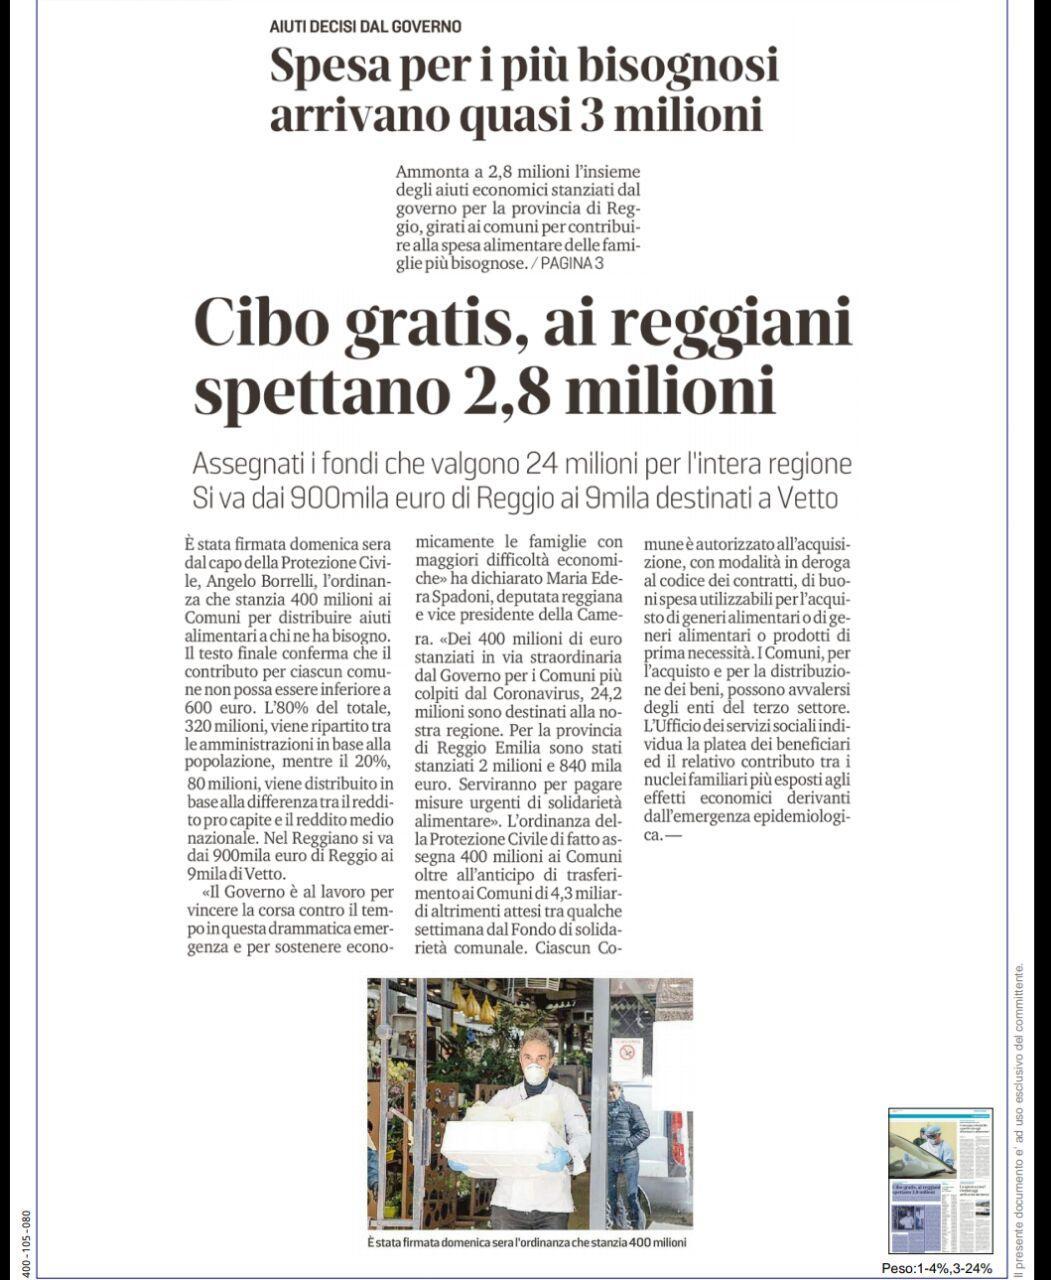 """Rs, Spadoni (M5S): """"Dei 400 milioni di euro stanziati dal Governo per l'emergenza, 24,2 milioni sono destinati alla nostra Regione"""""""